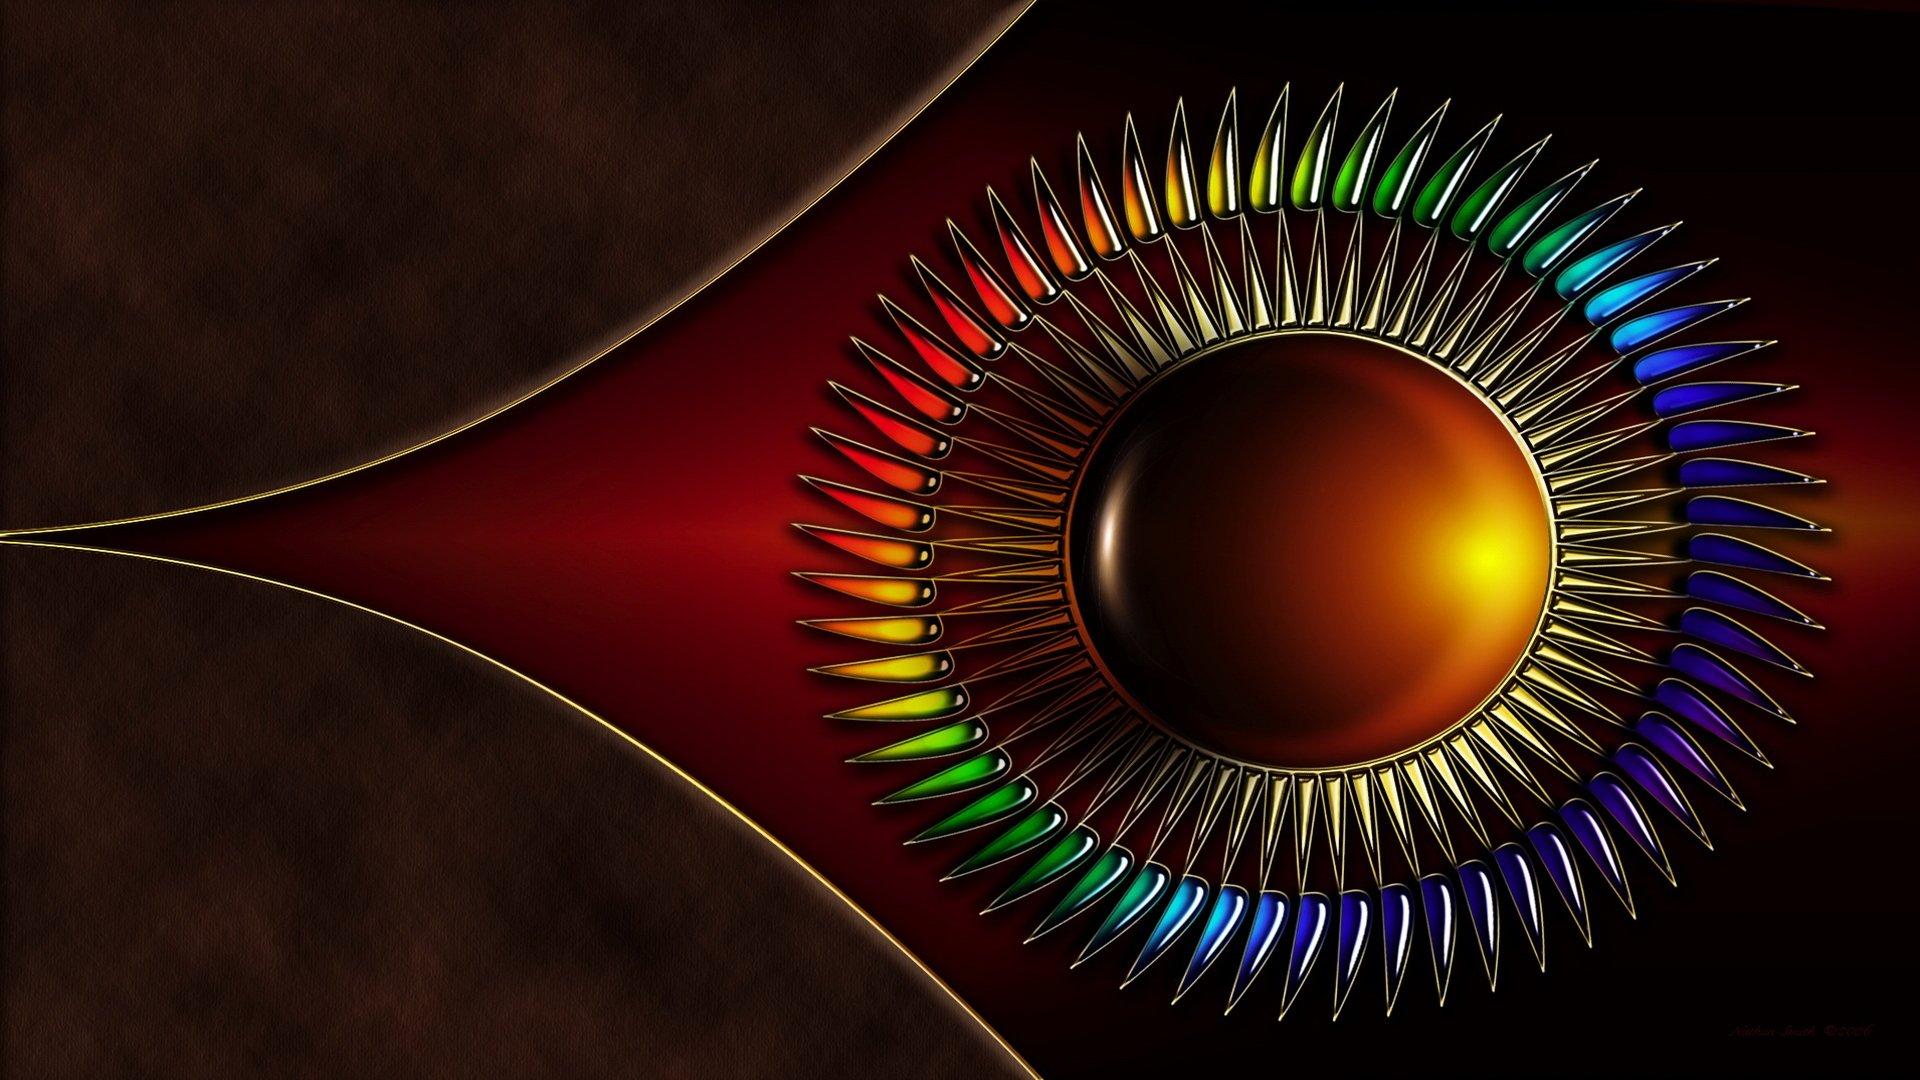 Фигура круг коричневый  № 2279597 бесплатно